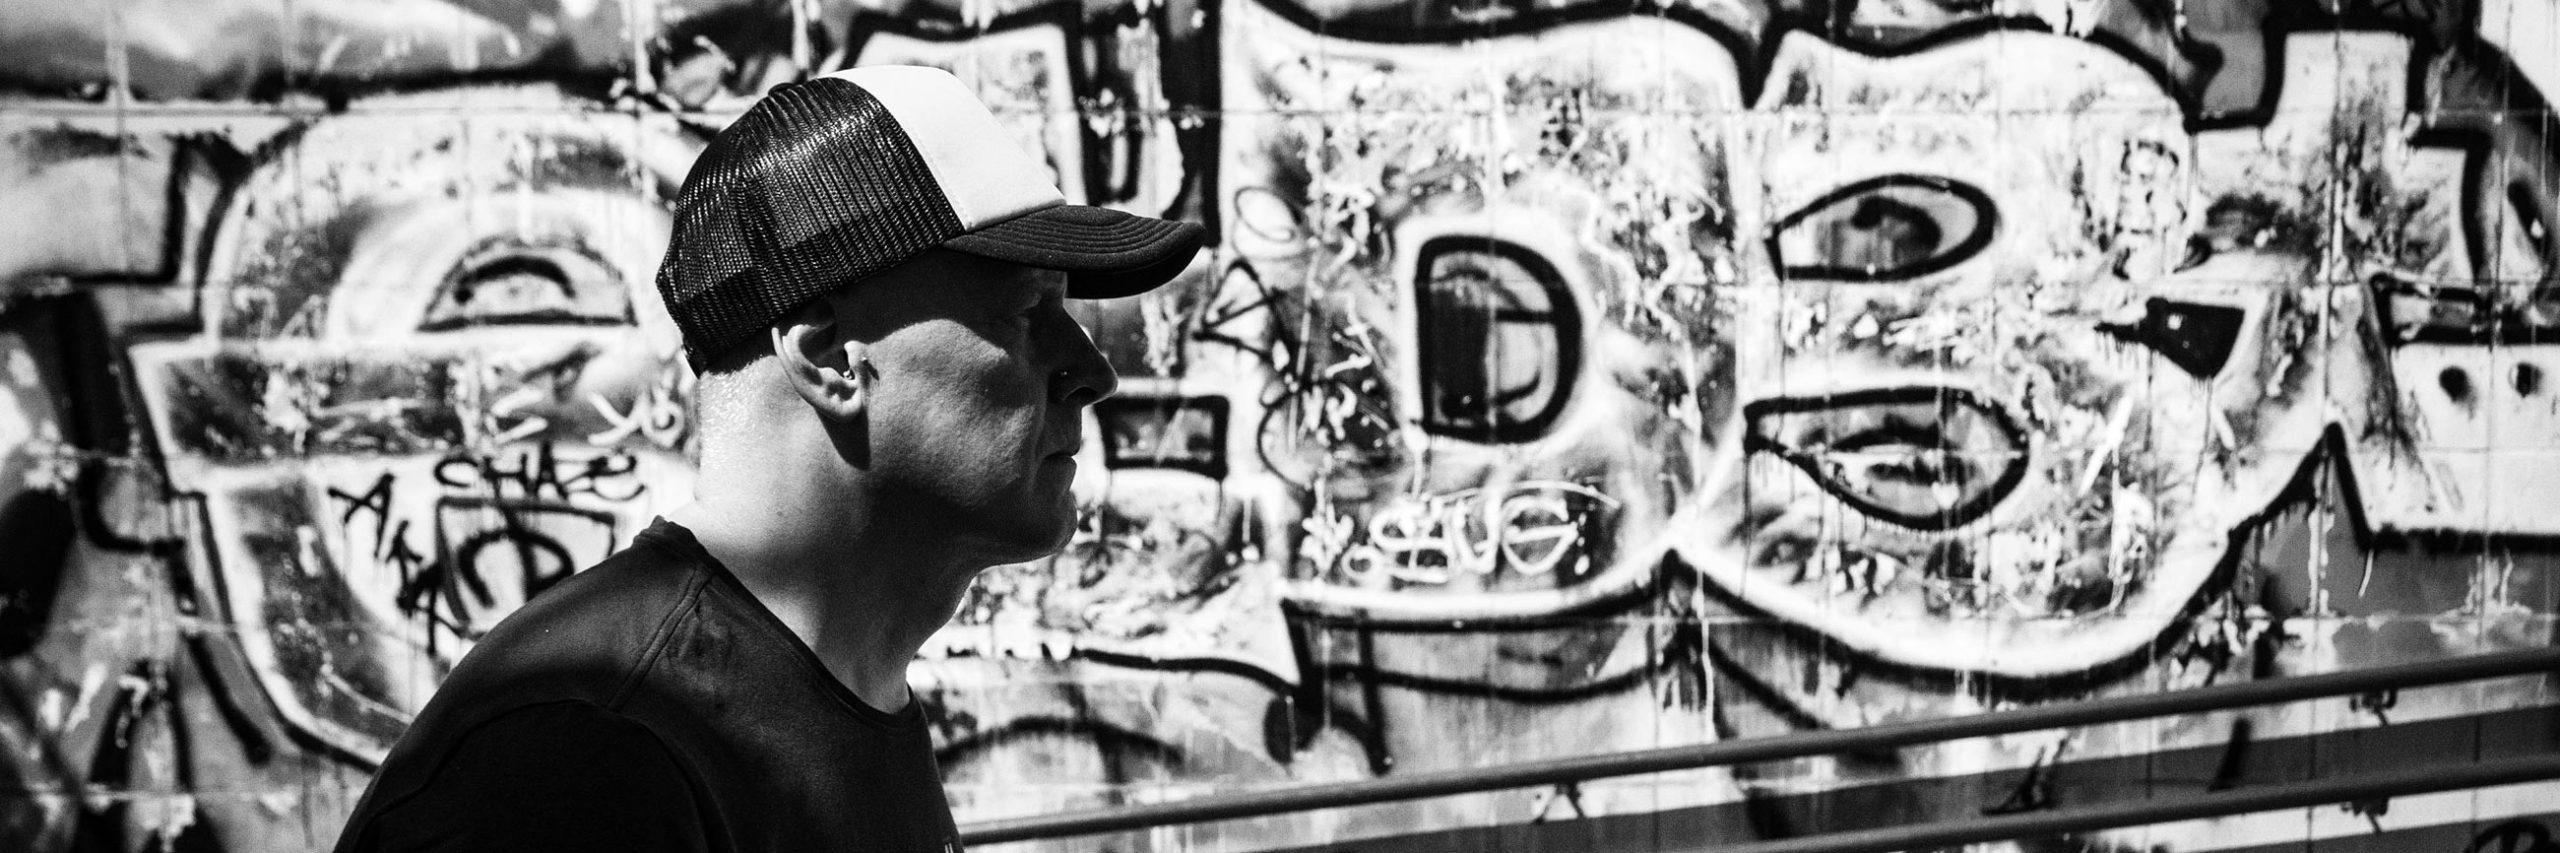 «Грузовики» и «Вагоновожатые». Как Антон Слепаков создал новый стиль в украинской музыке и стал зеркалом поколения